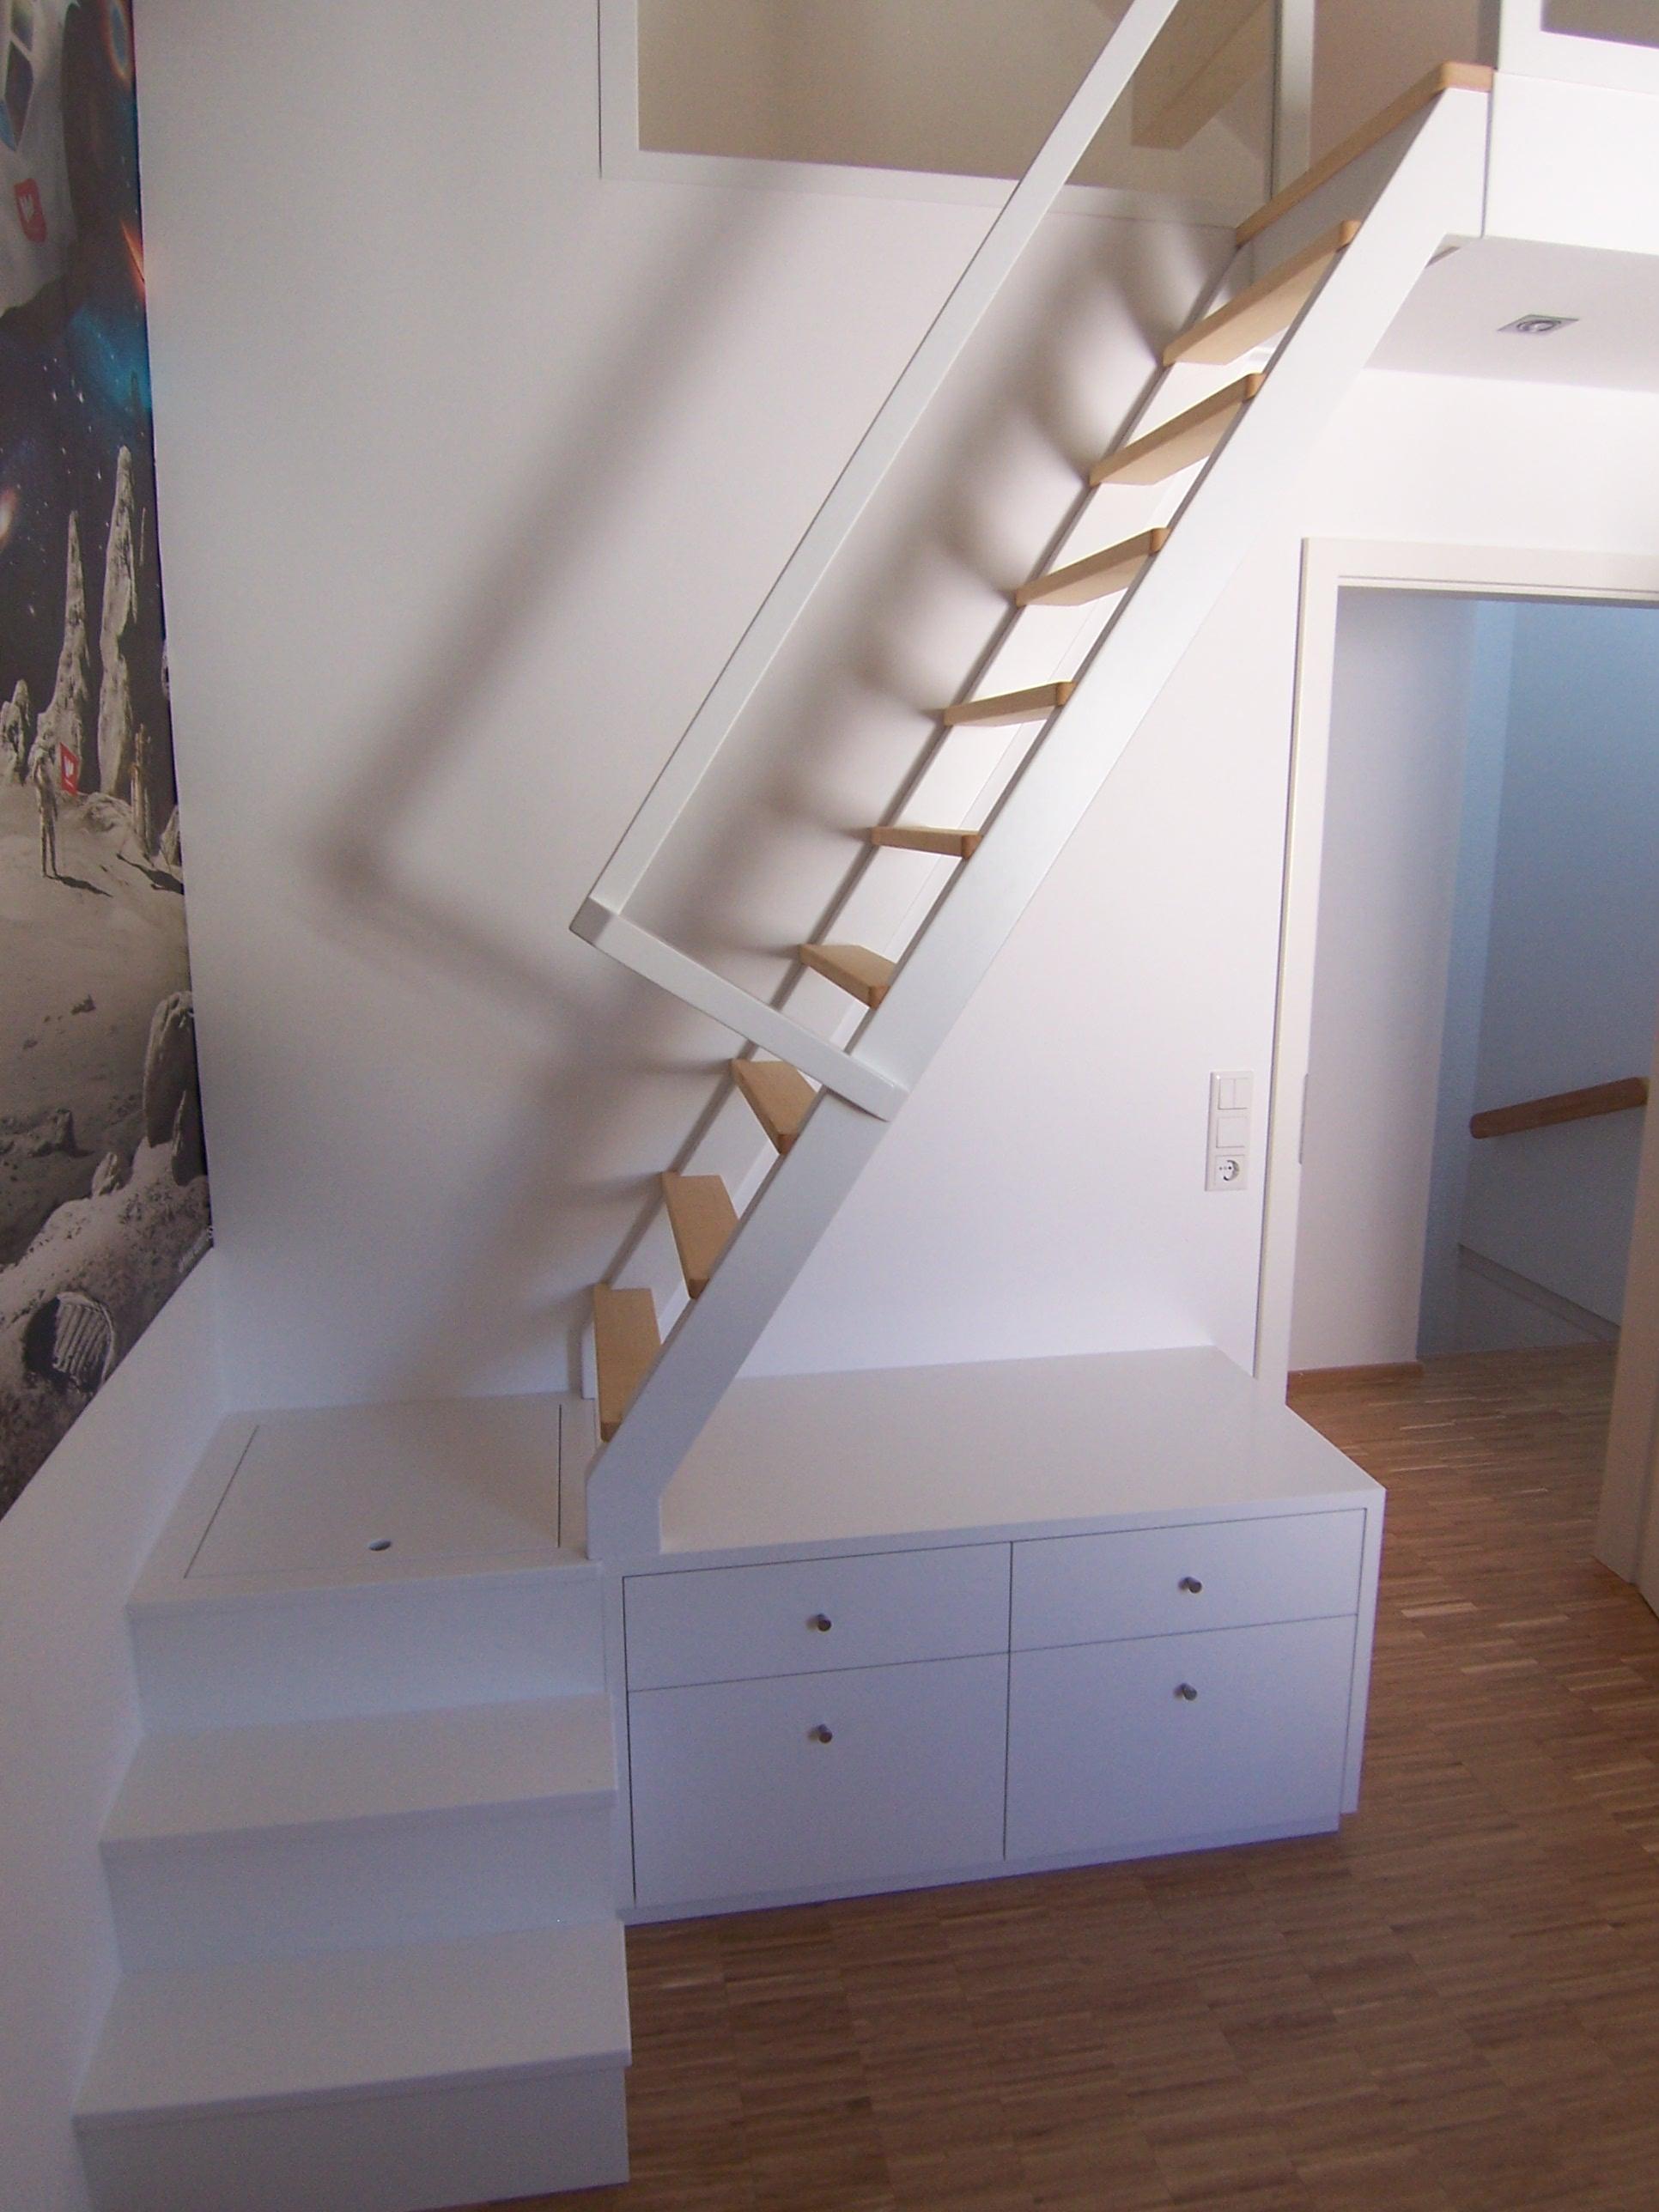 wie kommen wir nur auf unsere galerie wer baut mir eine. Black Bedroom Furniture Sets. Home Design Ideas